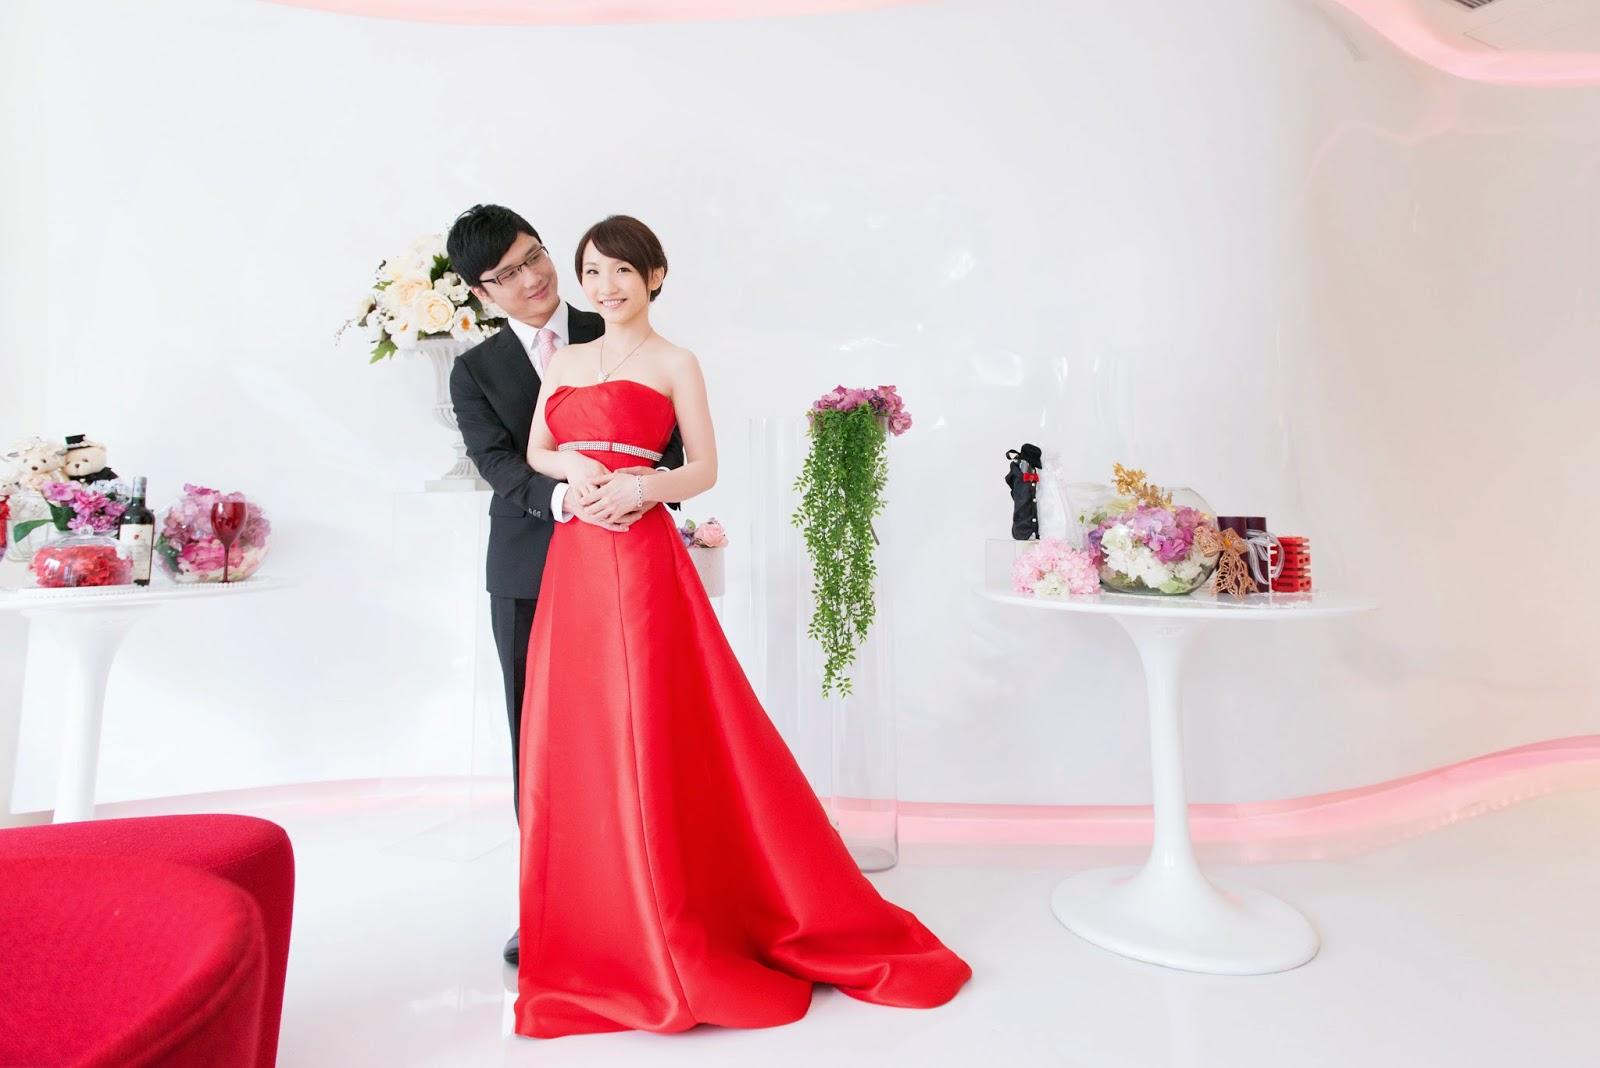 20140426 軒進苡婷_礁溪長榮婚攝